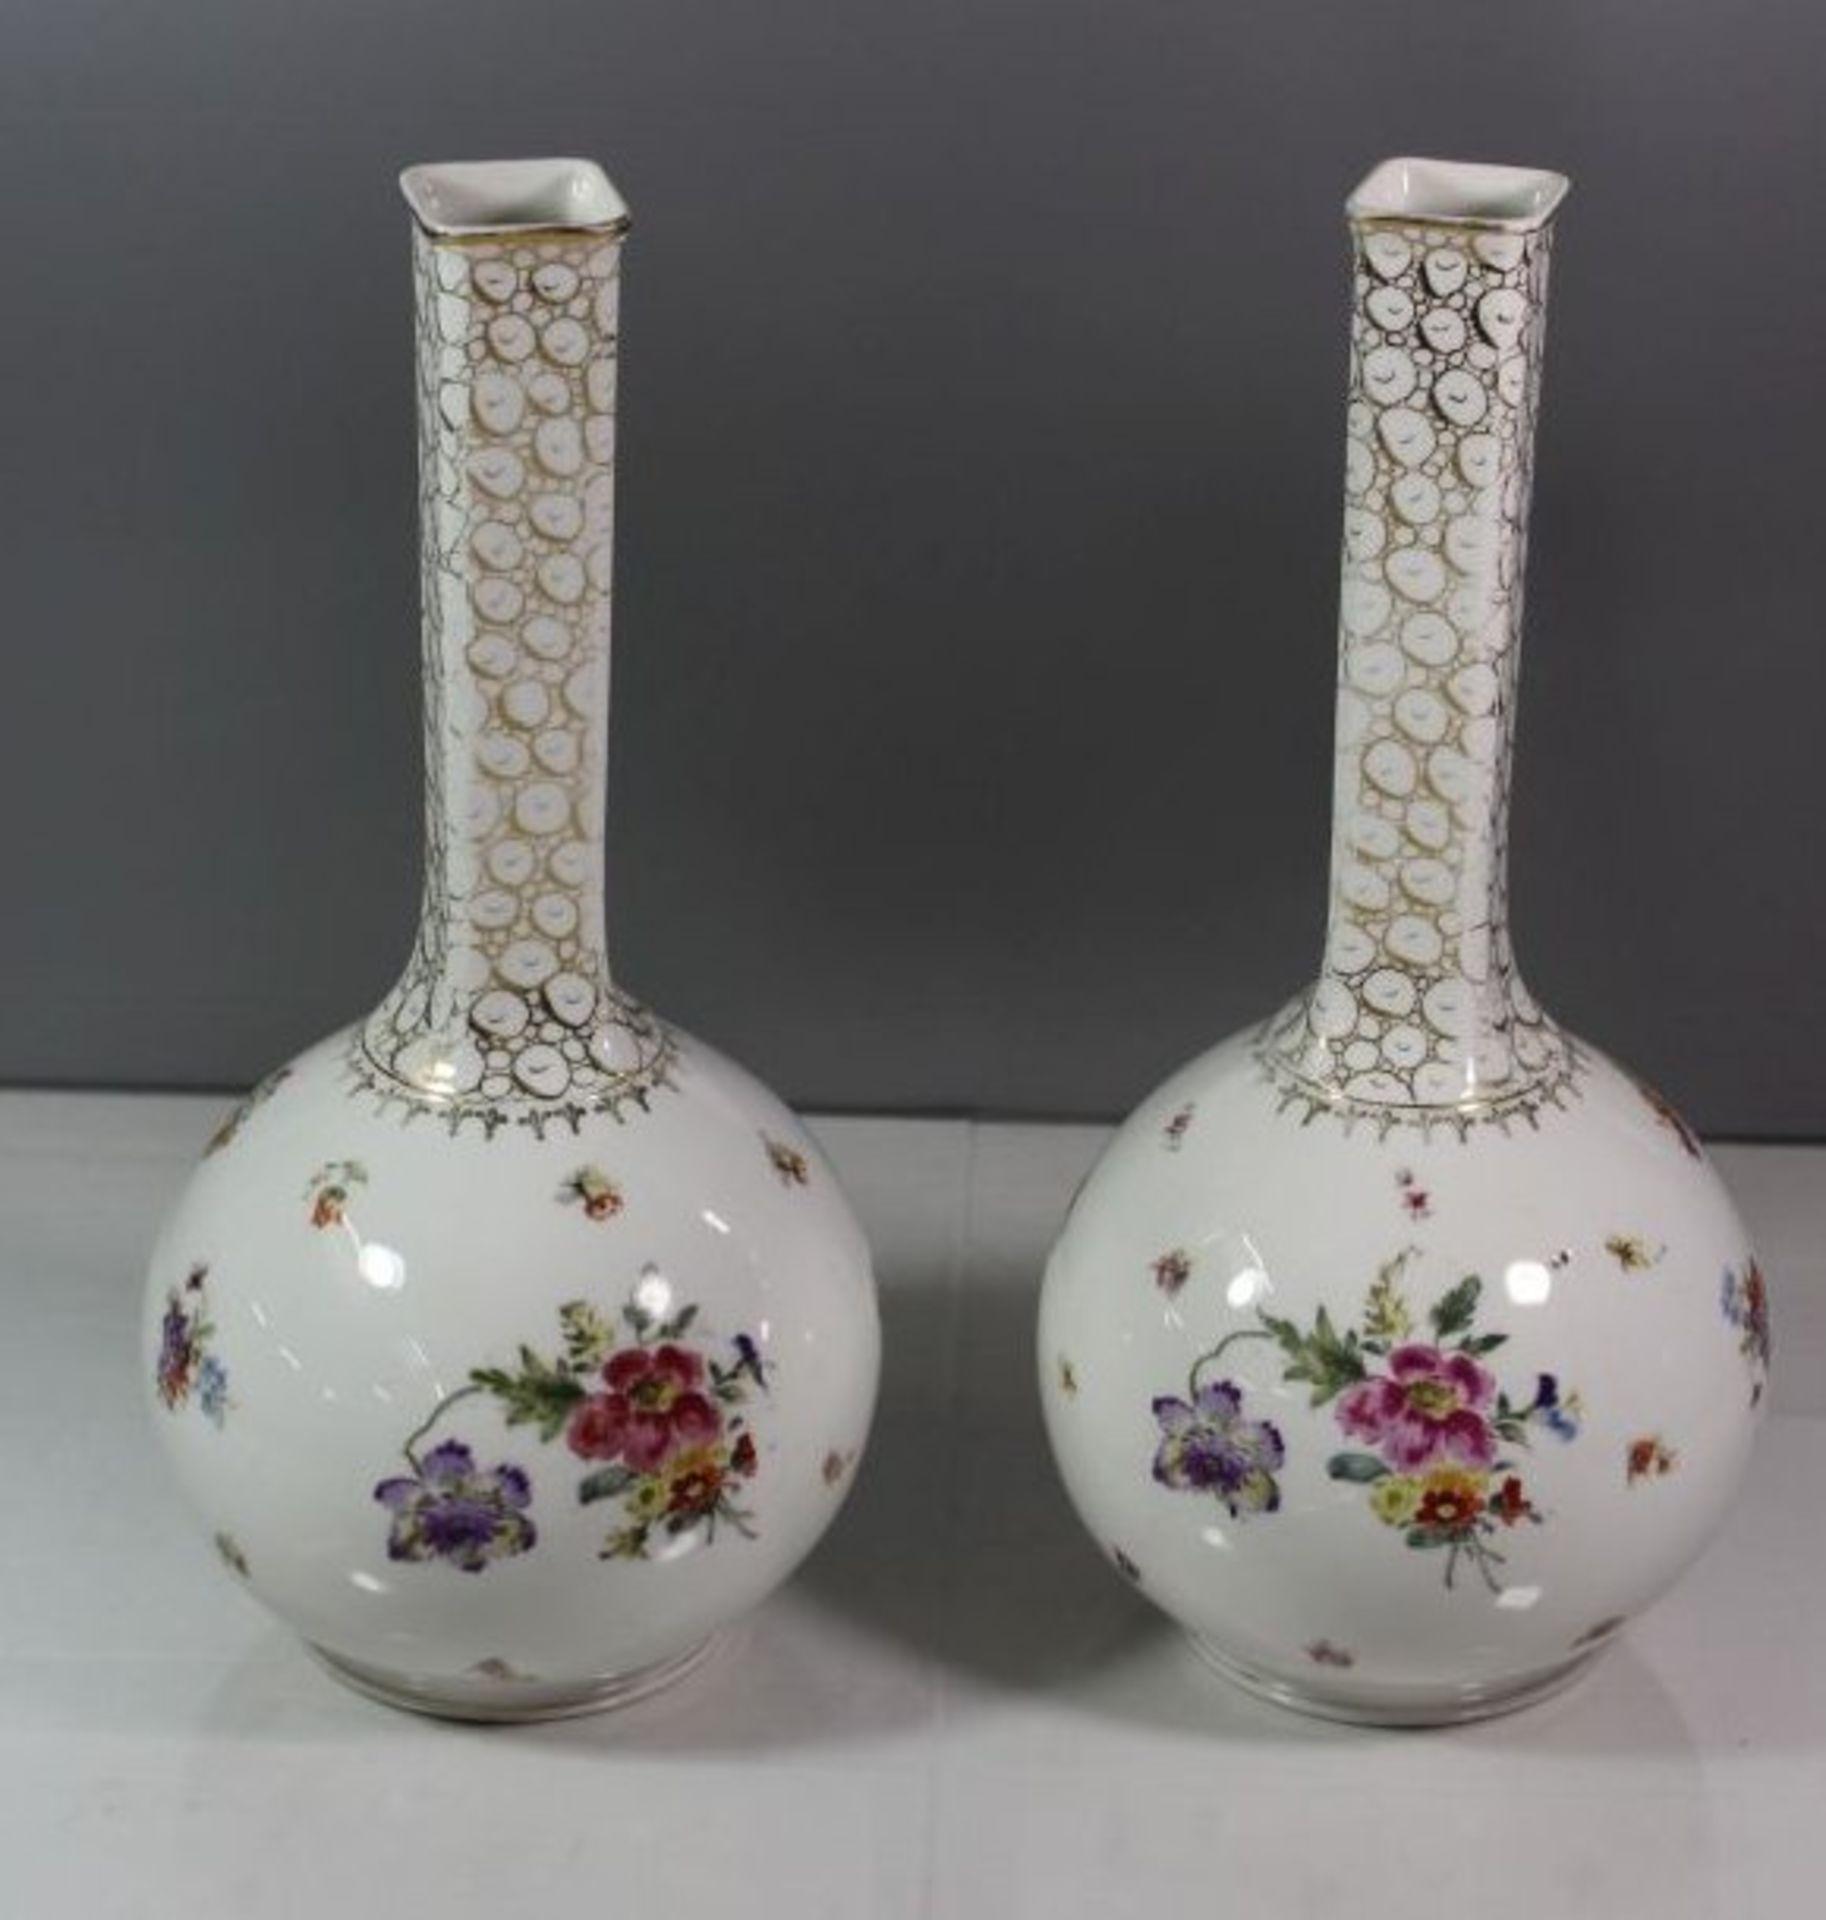 Los 1050 - Vasenpaar um 1900, Blumen-u. Personenbeamlung, Goldstaffage diese min. berieben, H-33,5cm.